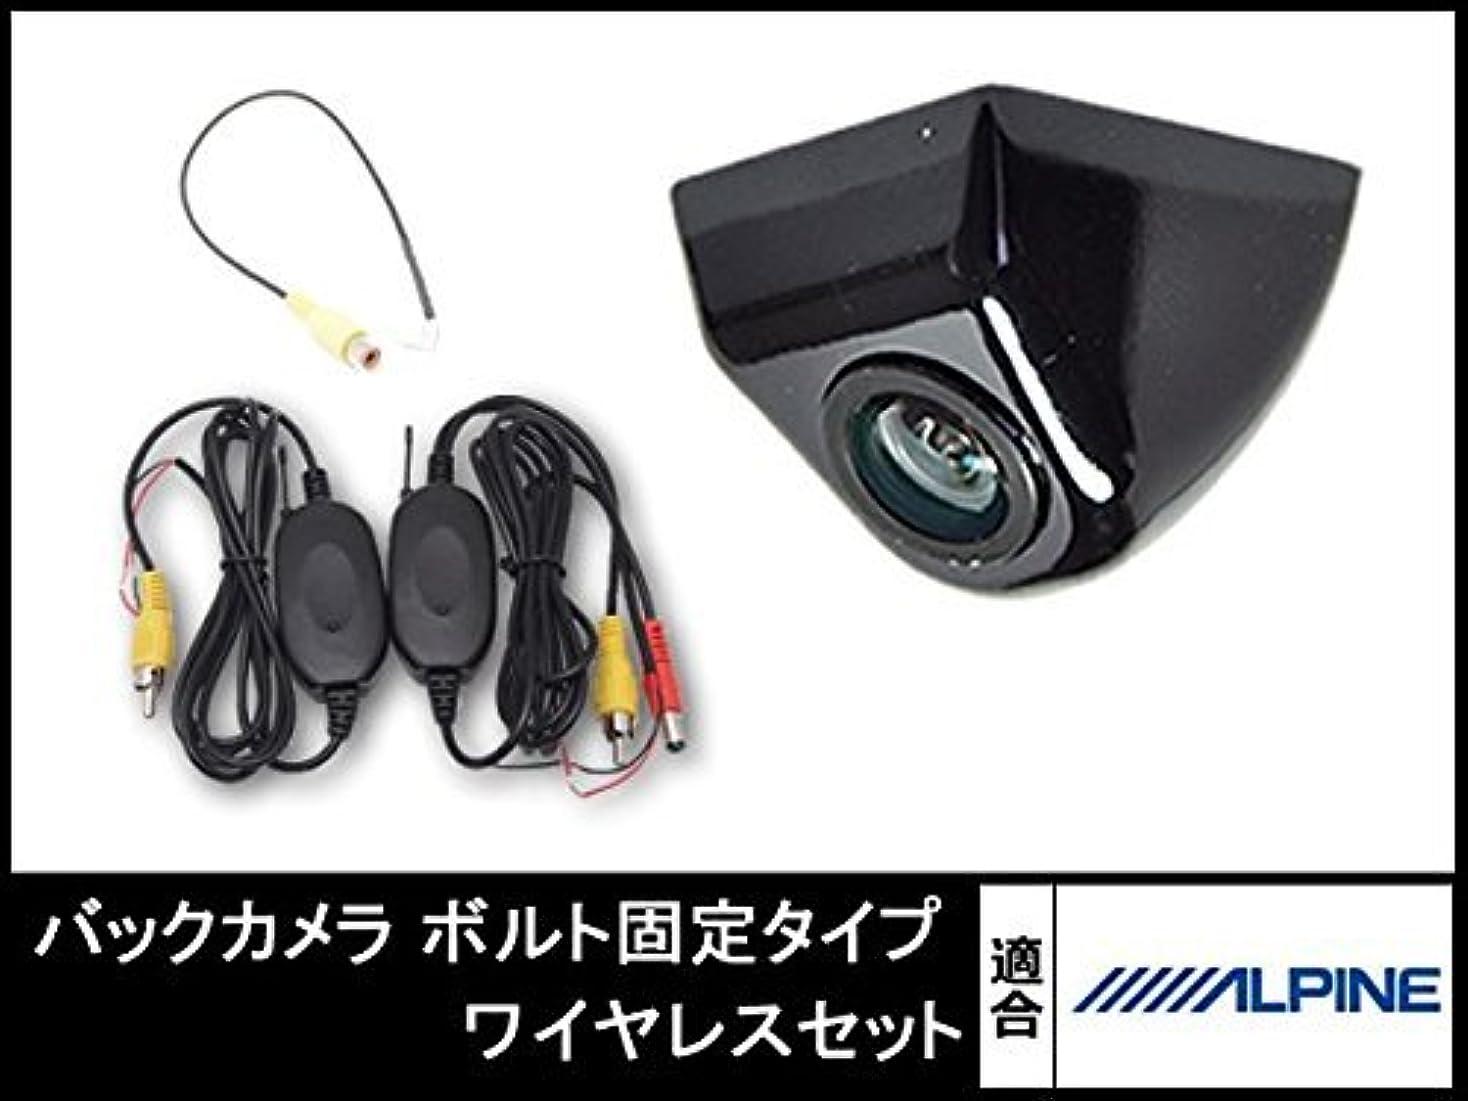 漫画サルベージ後ろにEX008V 対応 高画質 バックカメラ ボルト固定タイプ ブラック 車載用 広角170° 超高精細 CMOS センサー 【ワイヤレスキット付】